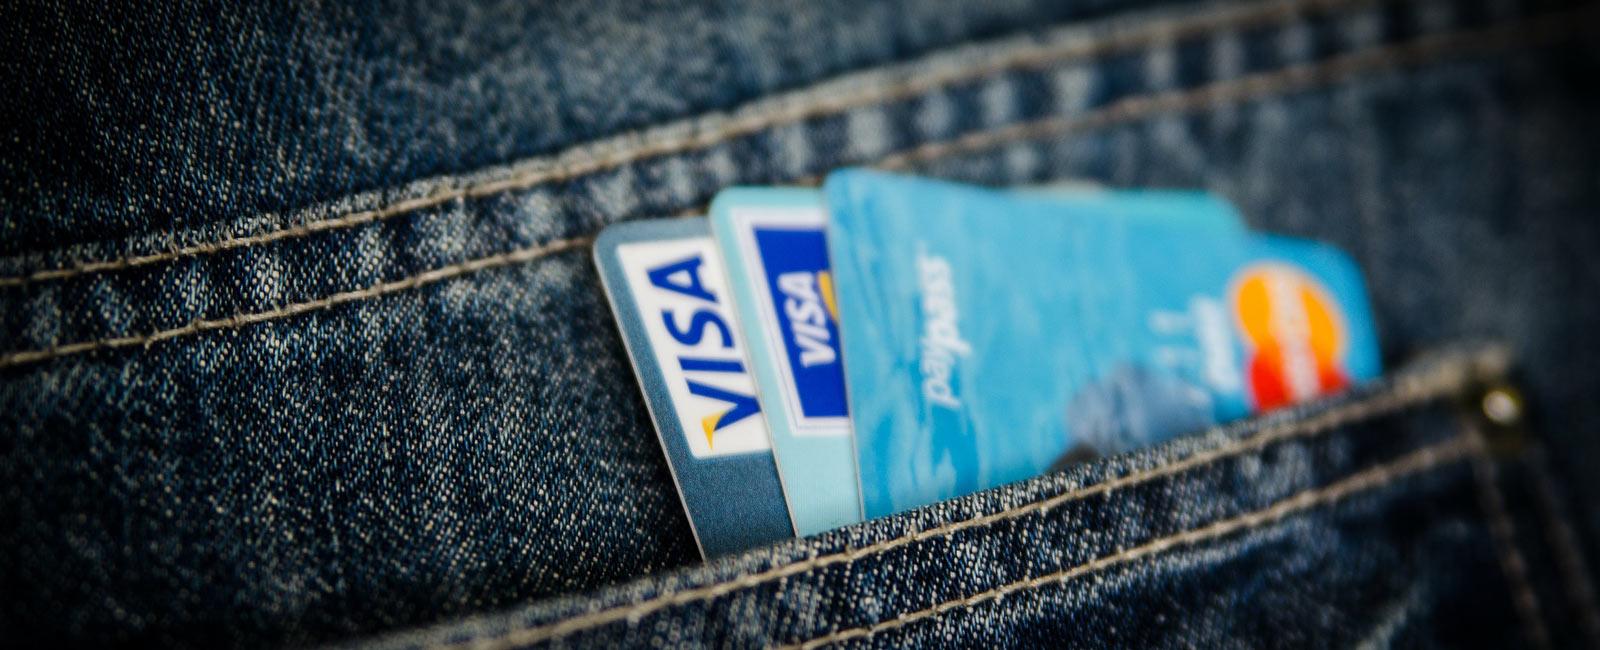 Geldtransfer beim Schüleraustausch